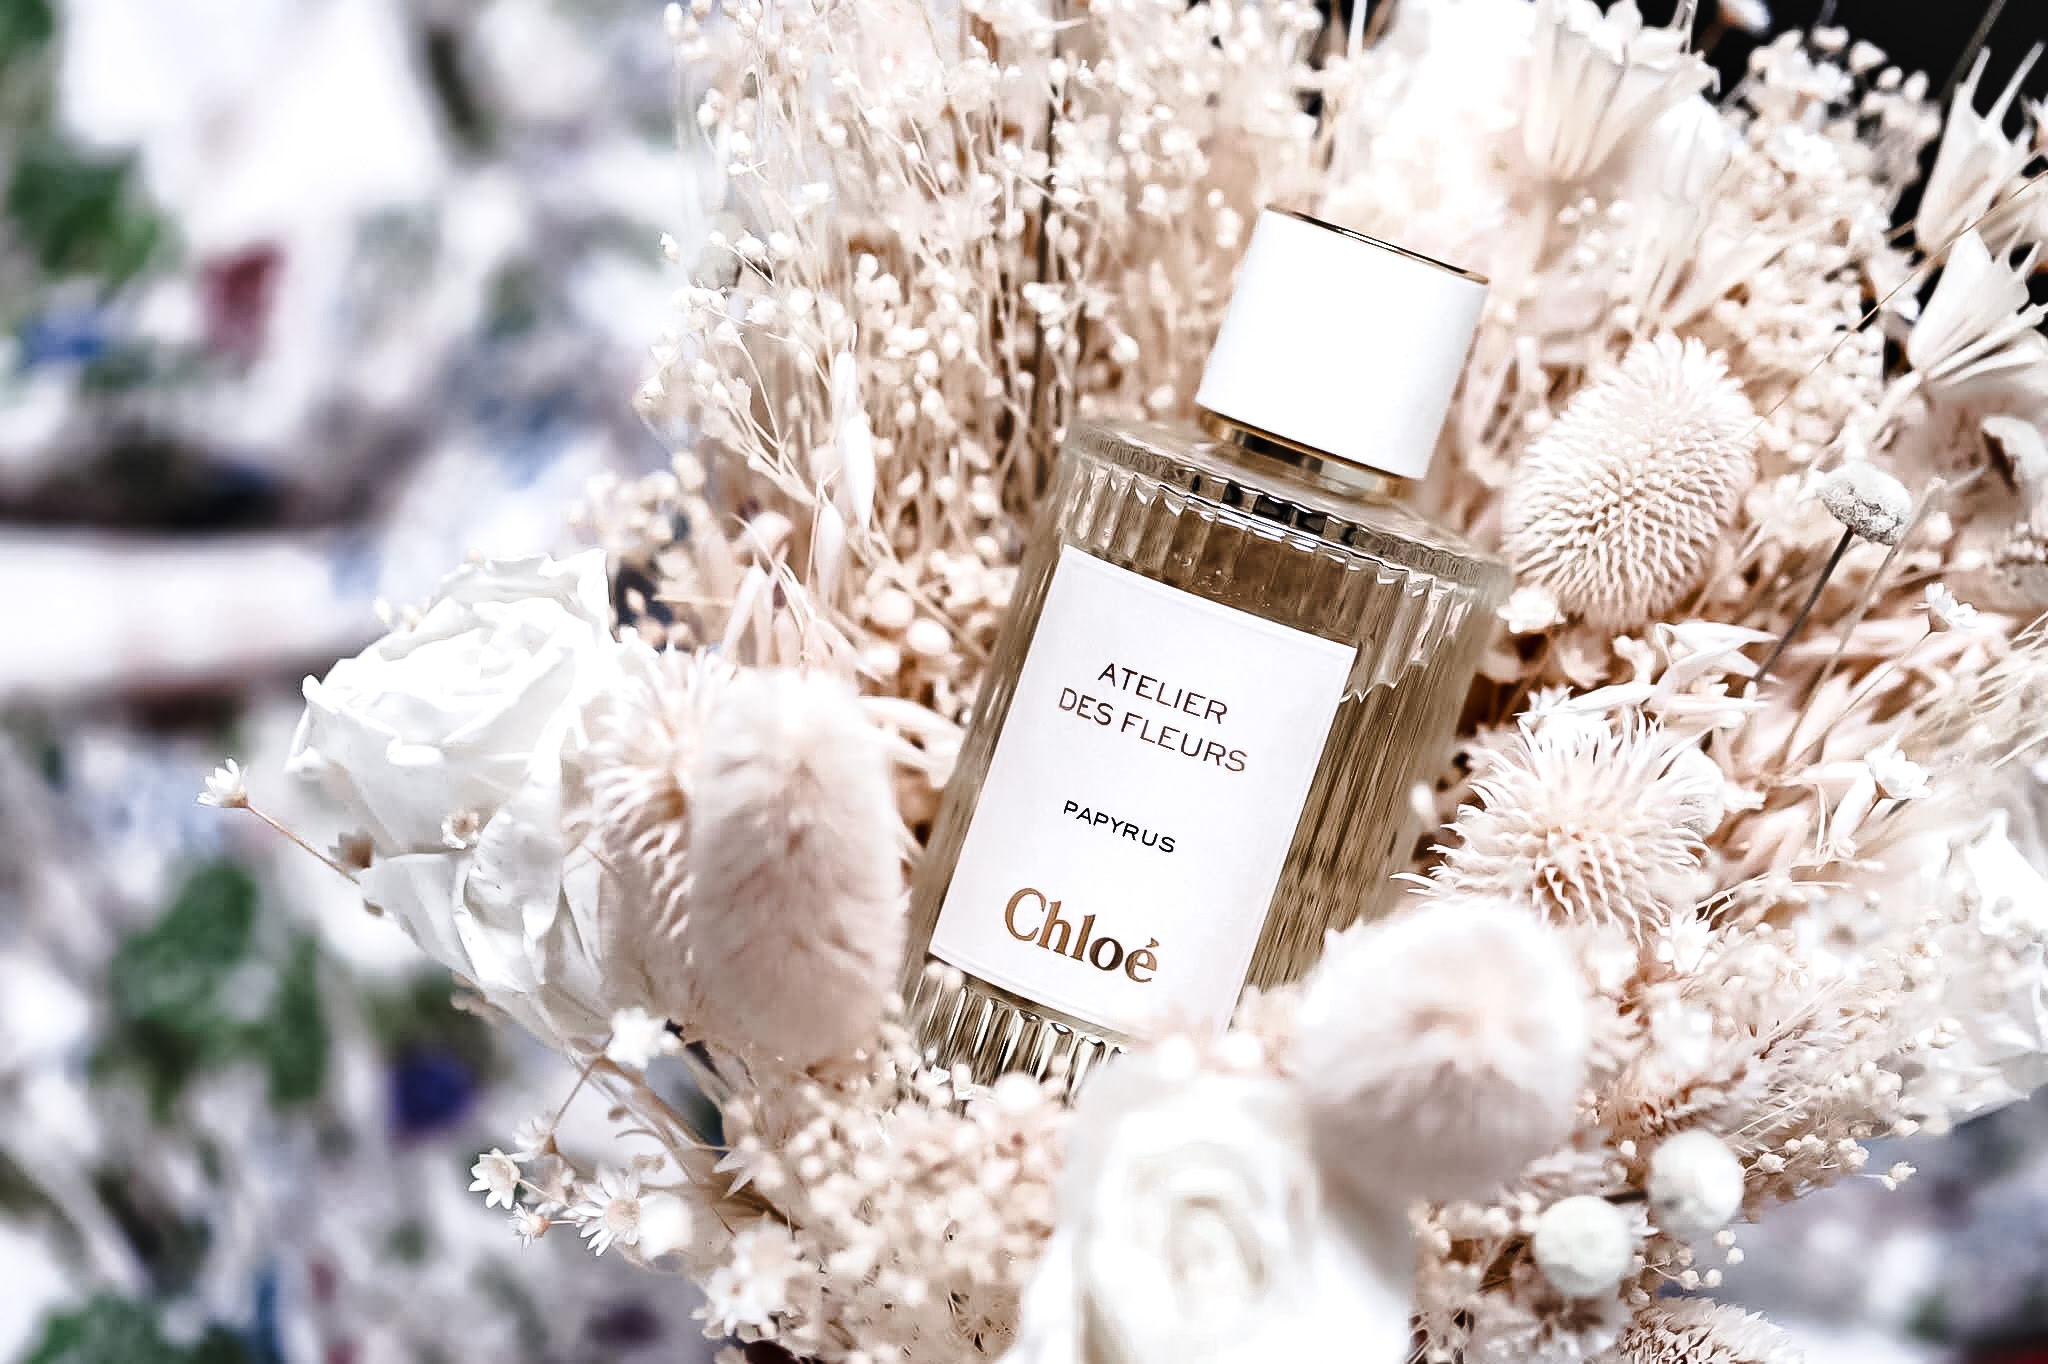 Chloé Atelier des Fleurs Papyrus